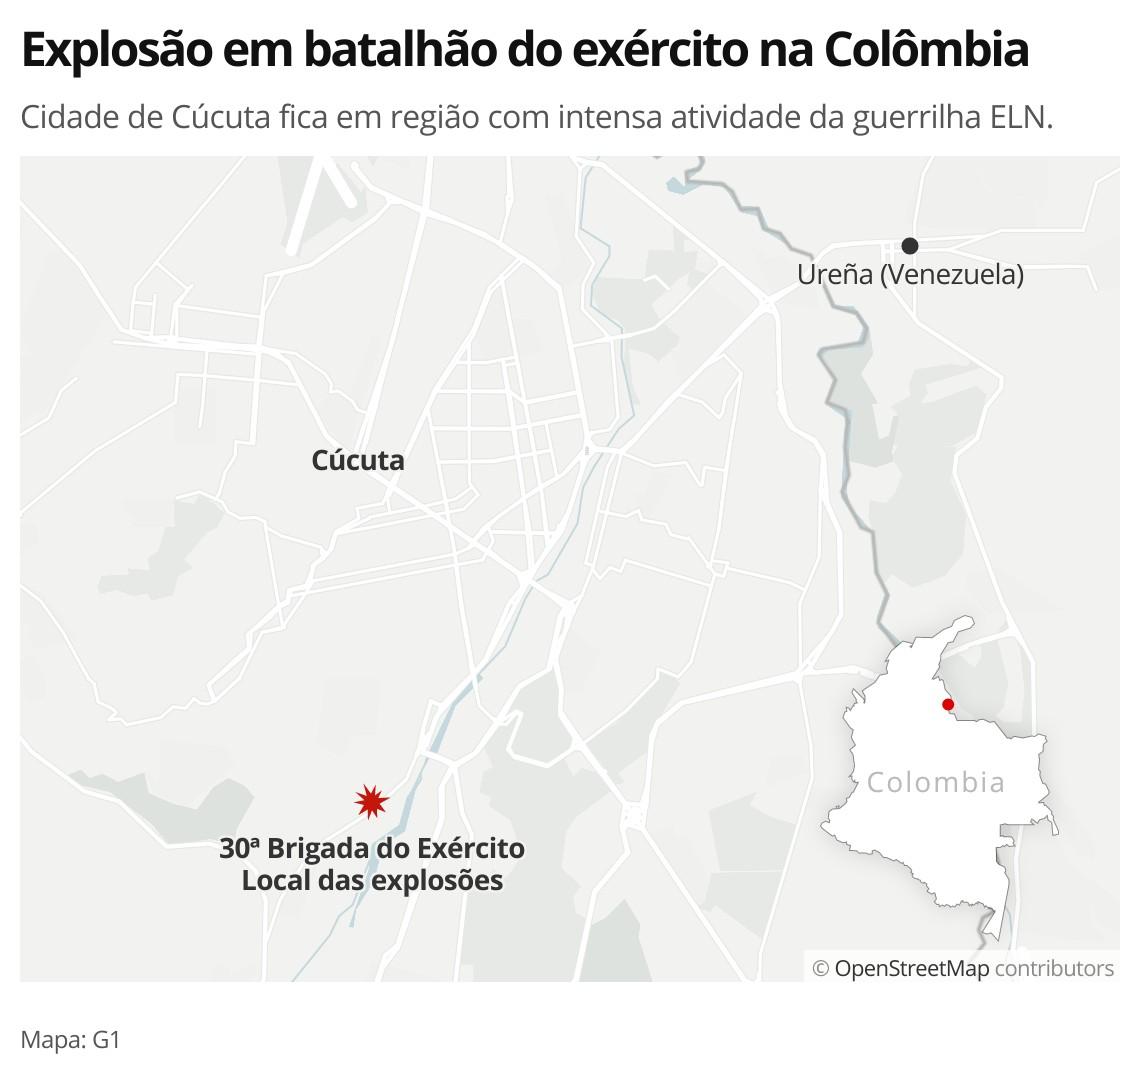 Carro-bomba explode em batalhão do exército na Colômbia